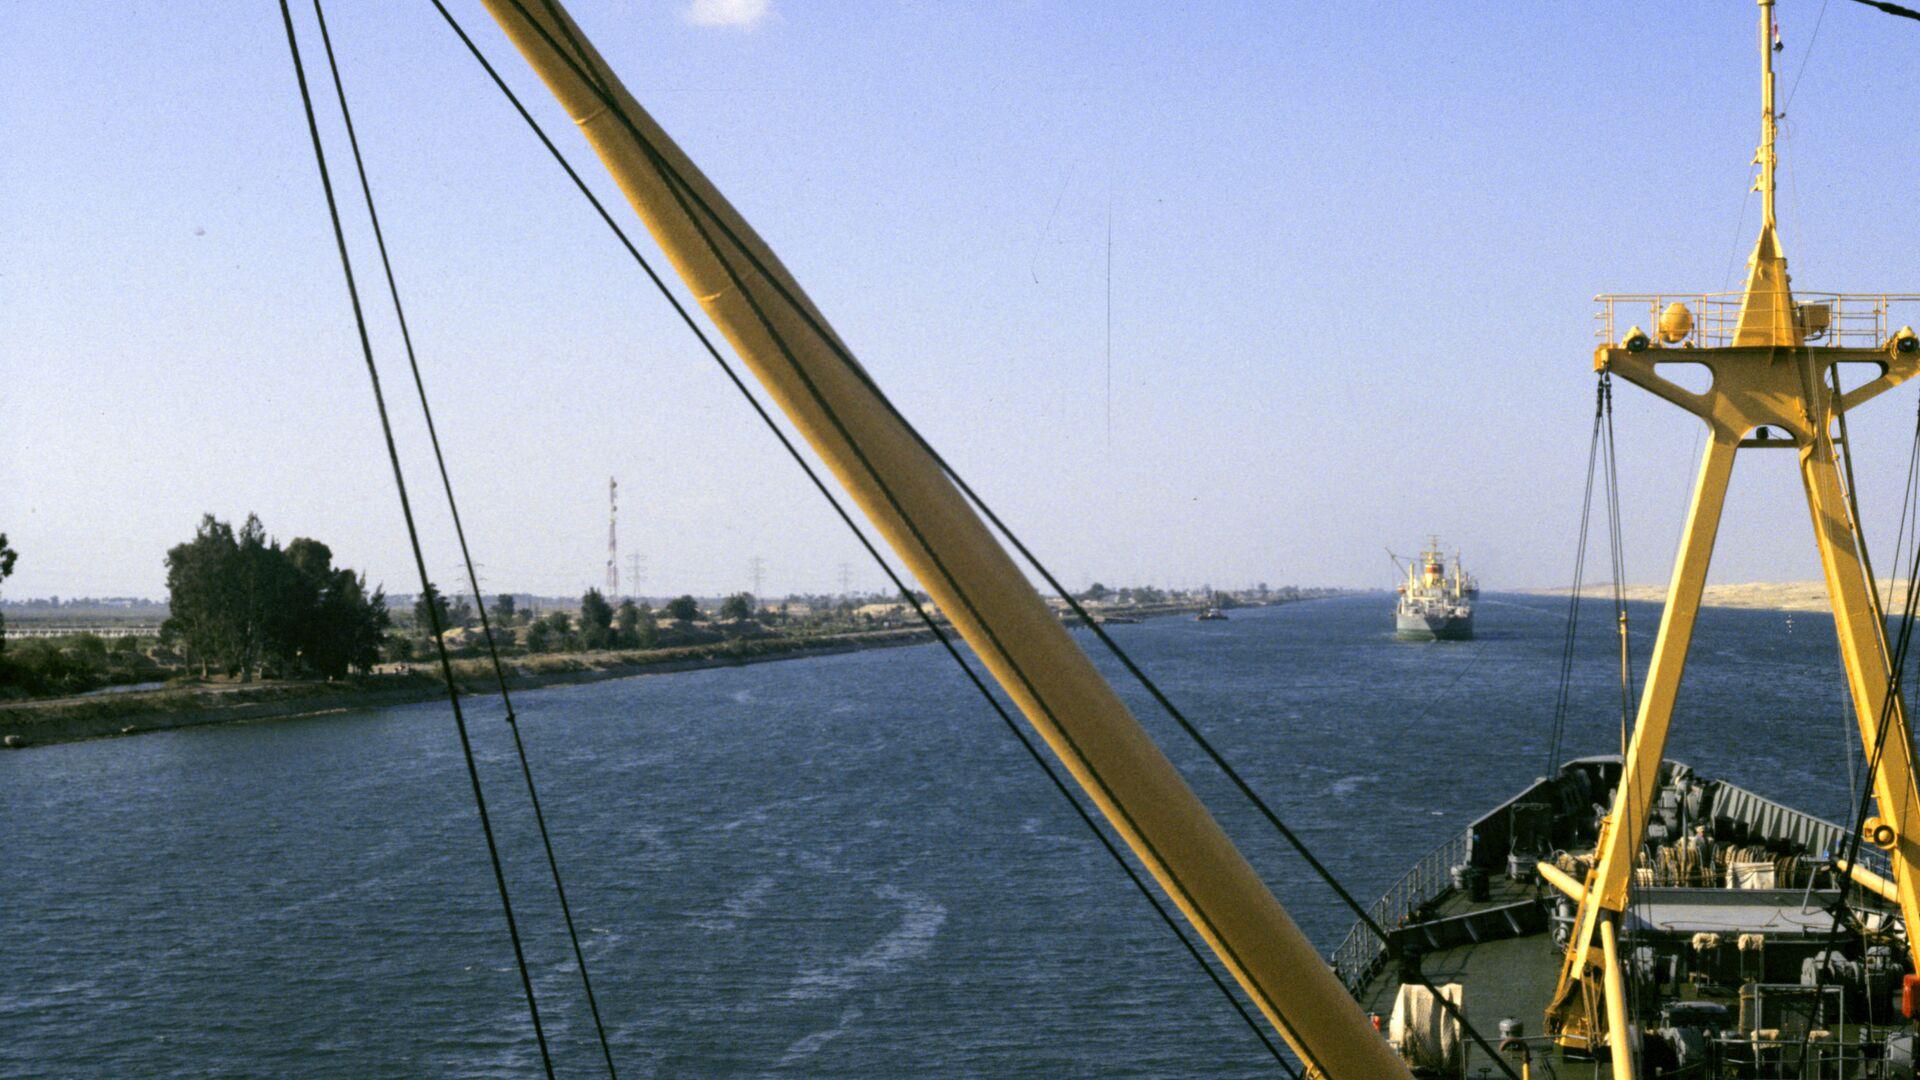 Il Canale di Suez che lega il mar Rosso e il mar Mediterraneo. - Sputnik Italia, 1920, 11.07.2021